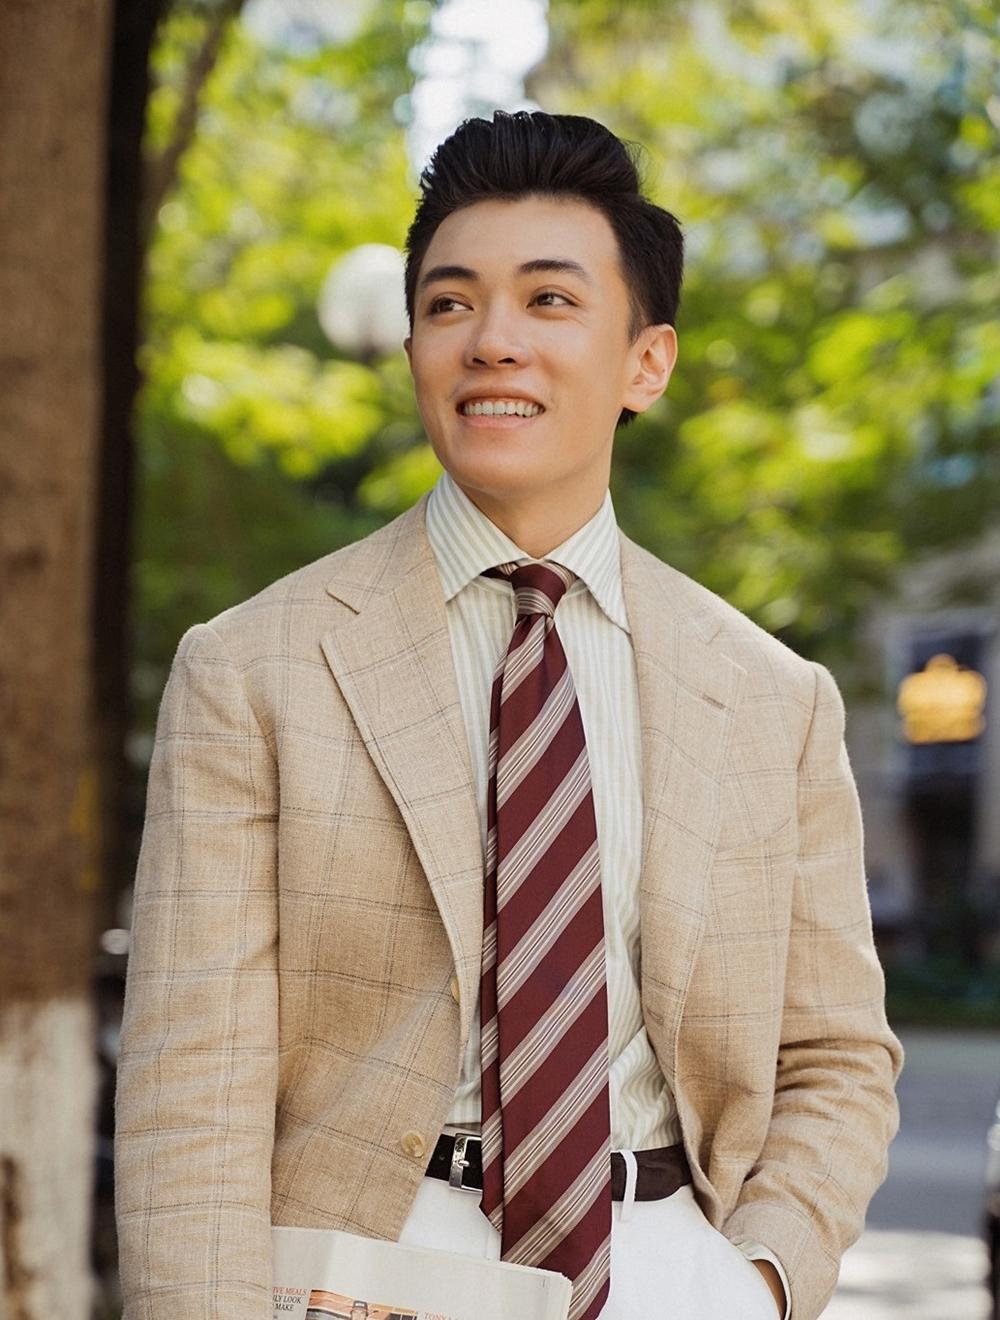 Đặng Trần Tùng, người Việt Nam đầu tiên đạt 9.0 IELTS ở cả hai hình thức thi trên giấy và máy tính. Ảnh: Nhân vật cung cấp